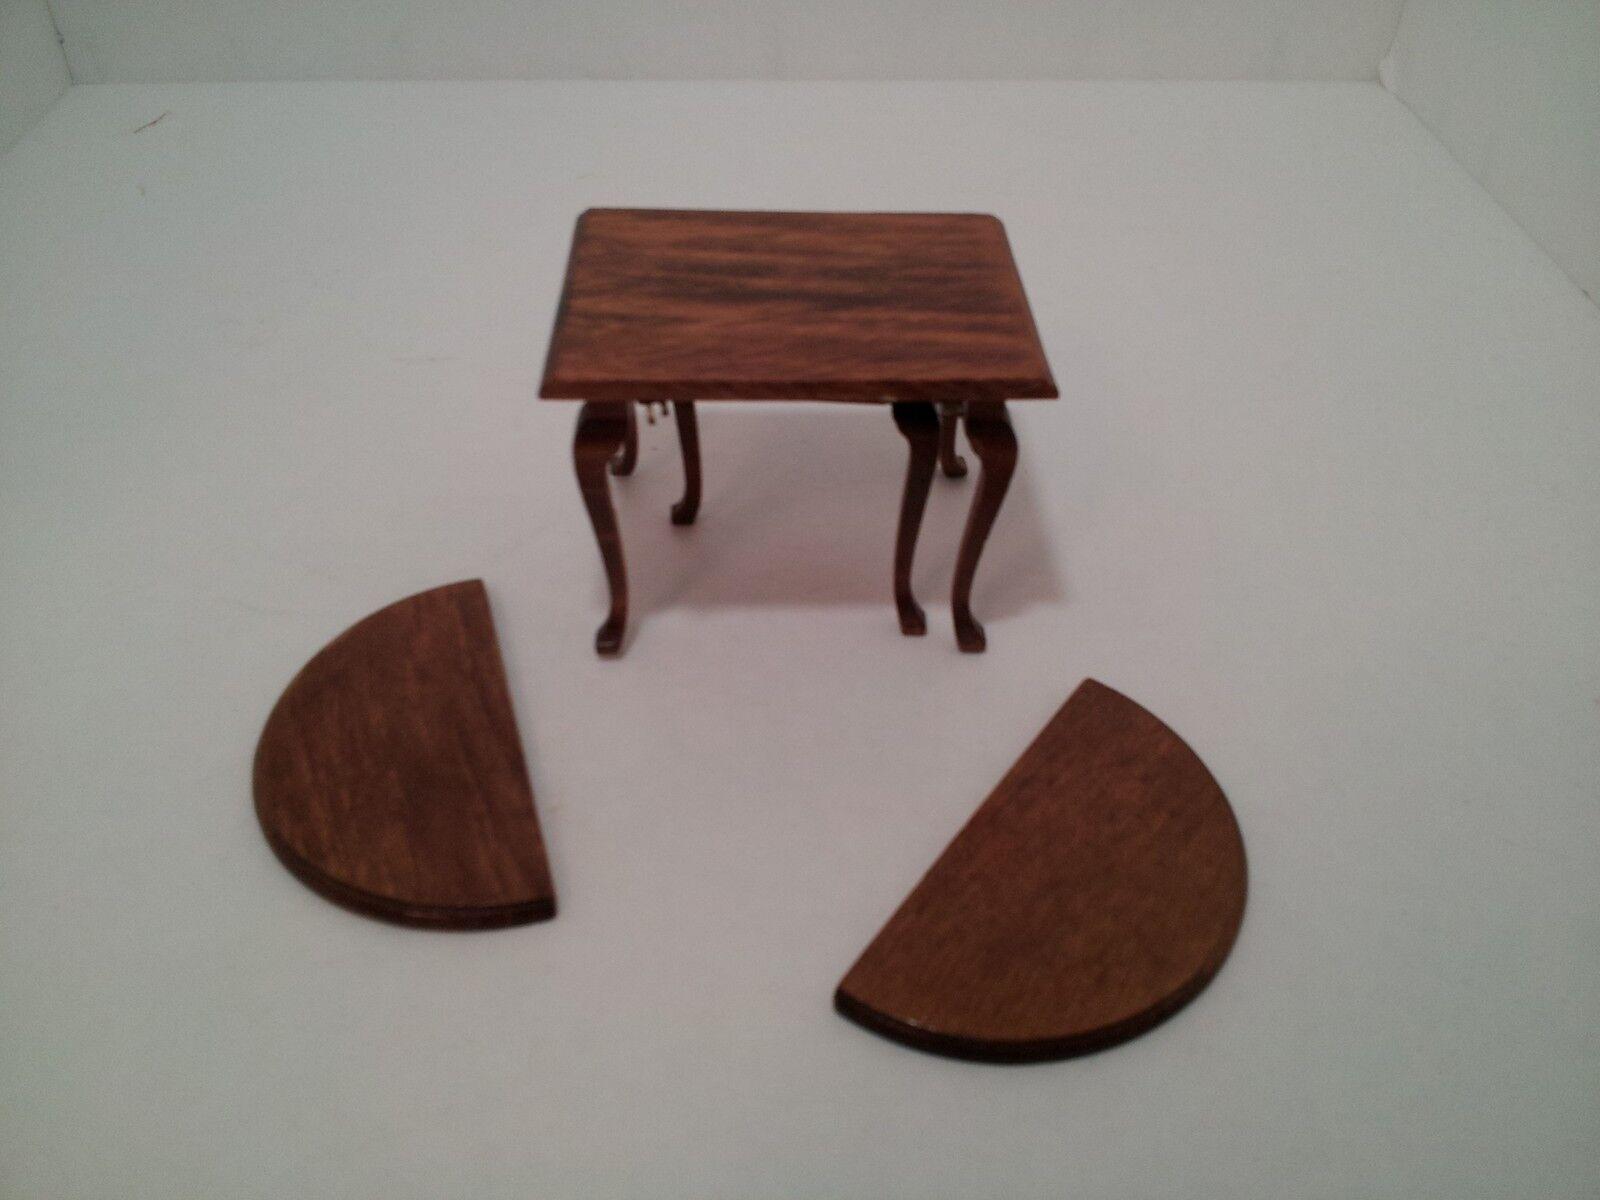 Muñeca casa muebles hoja caída de tabla necesita reparación falta utilizado en miniatura